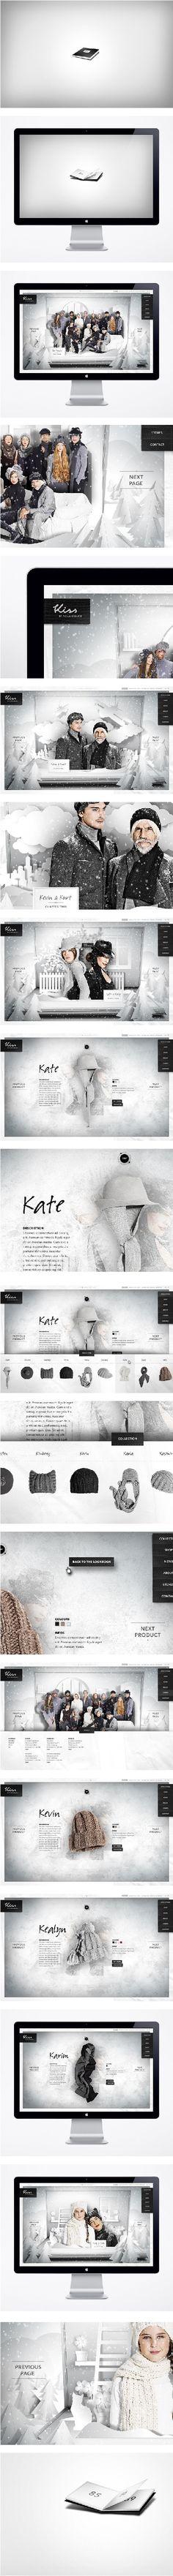 Website / Kiss by Fiona Bennett  Art Direction, Branding, Web Design: